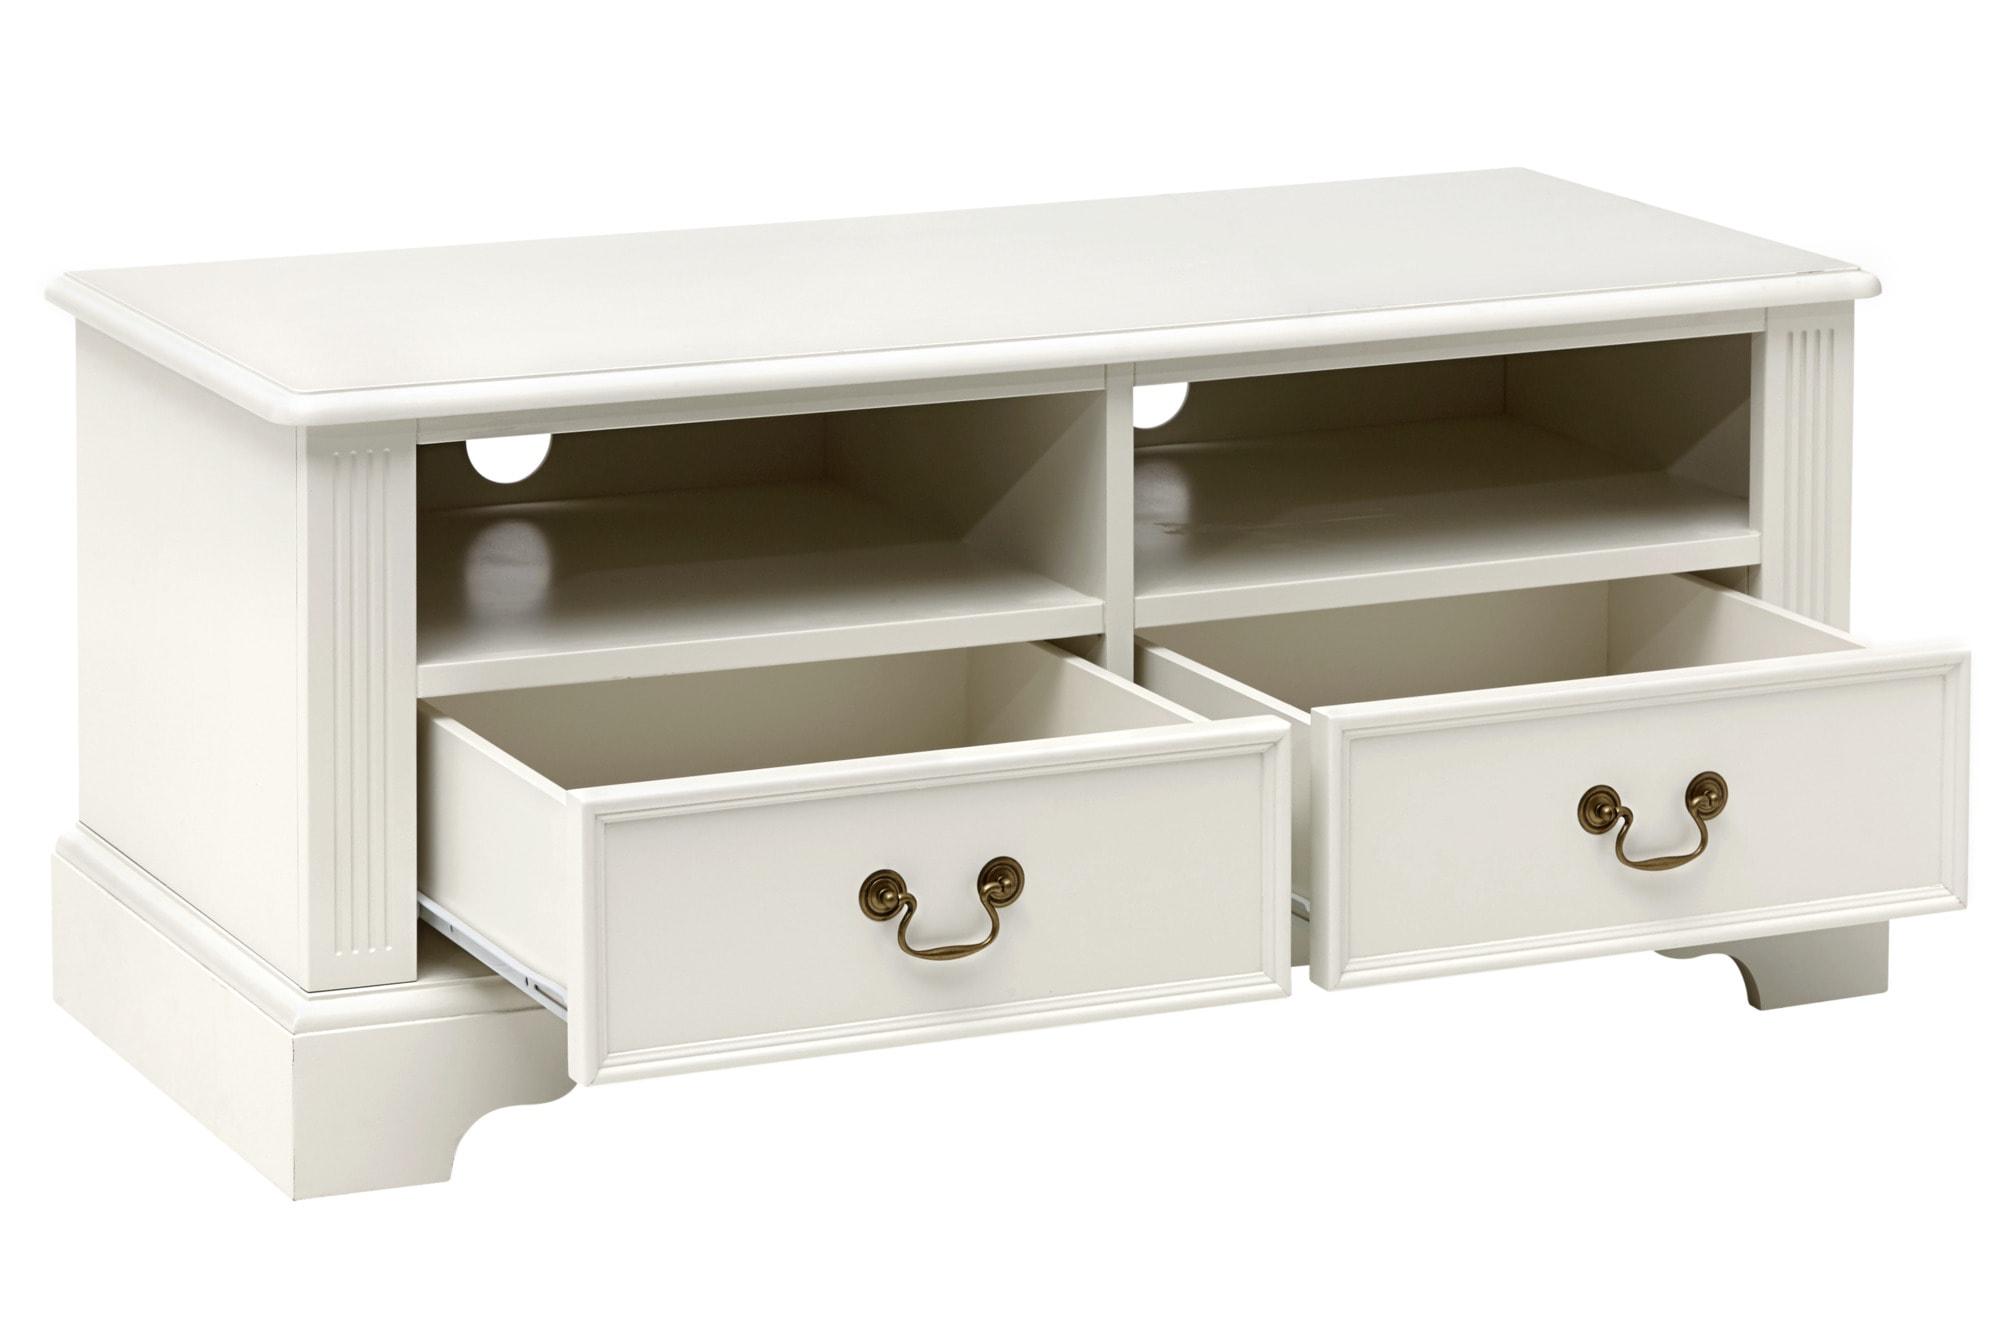 heine home tv lowboard im klassischen stil cafe konrad vib. Black Bedroom Furniture Sets. Home Design Ideas